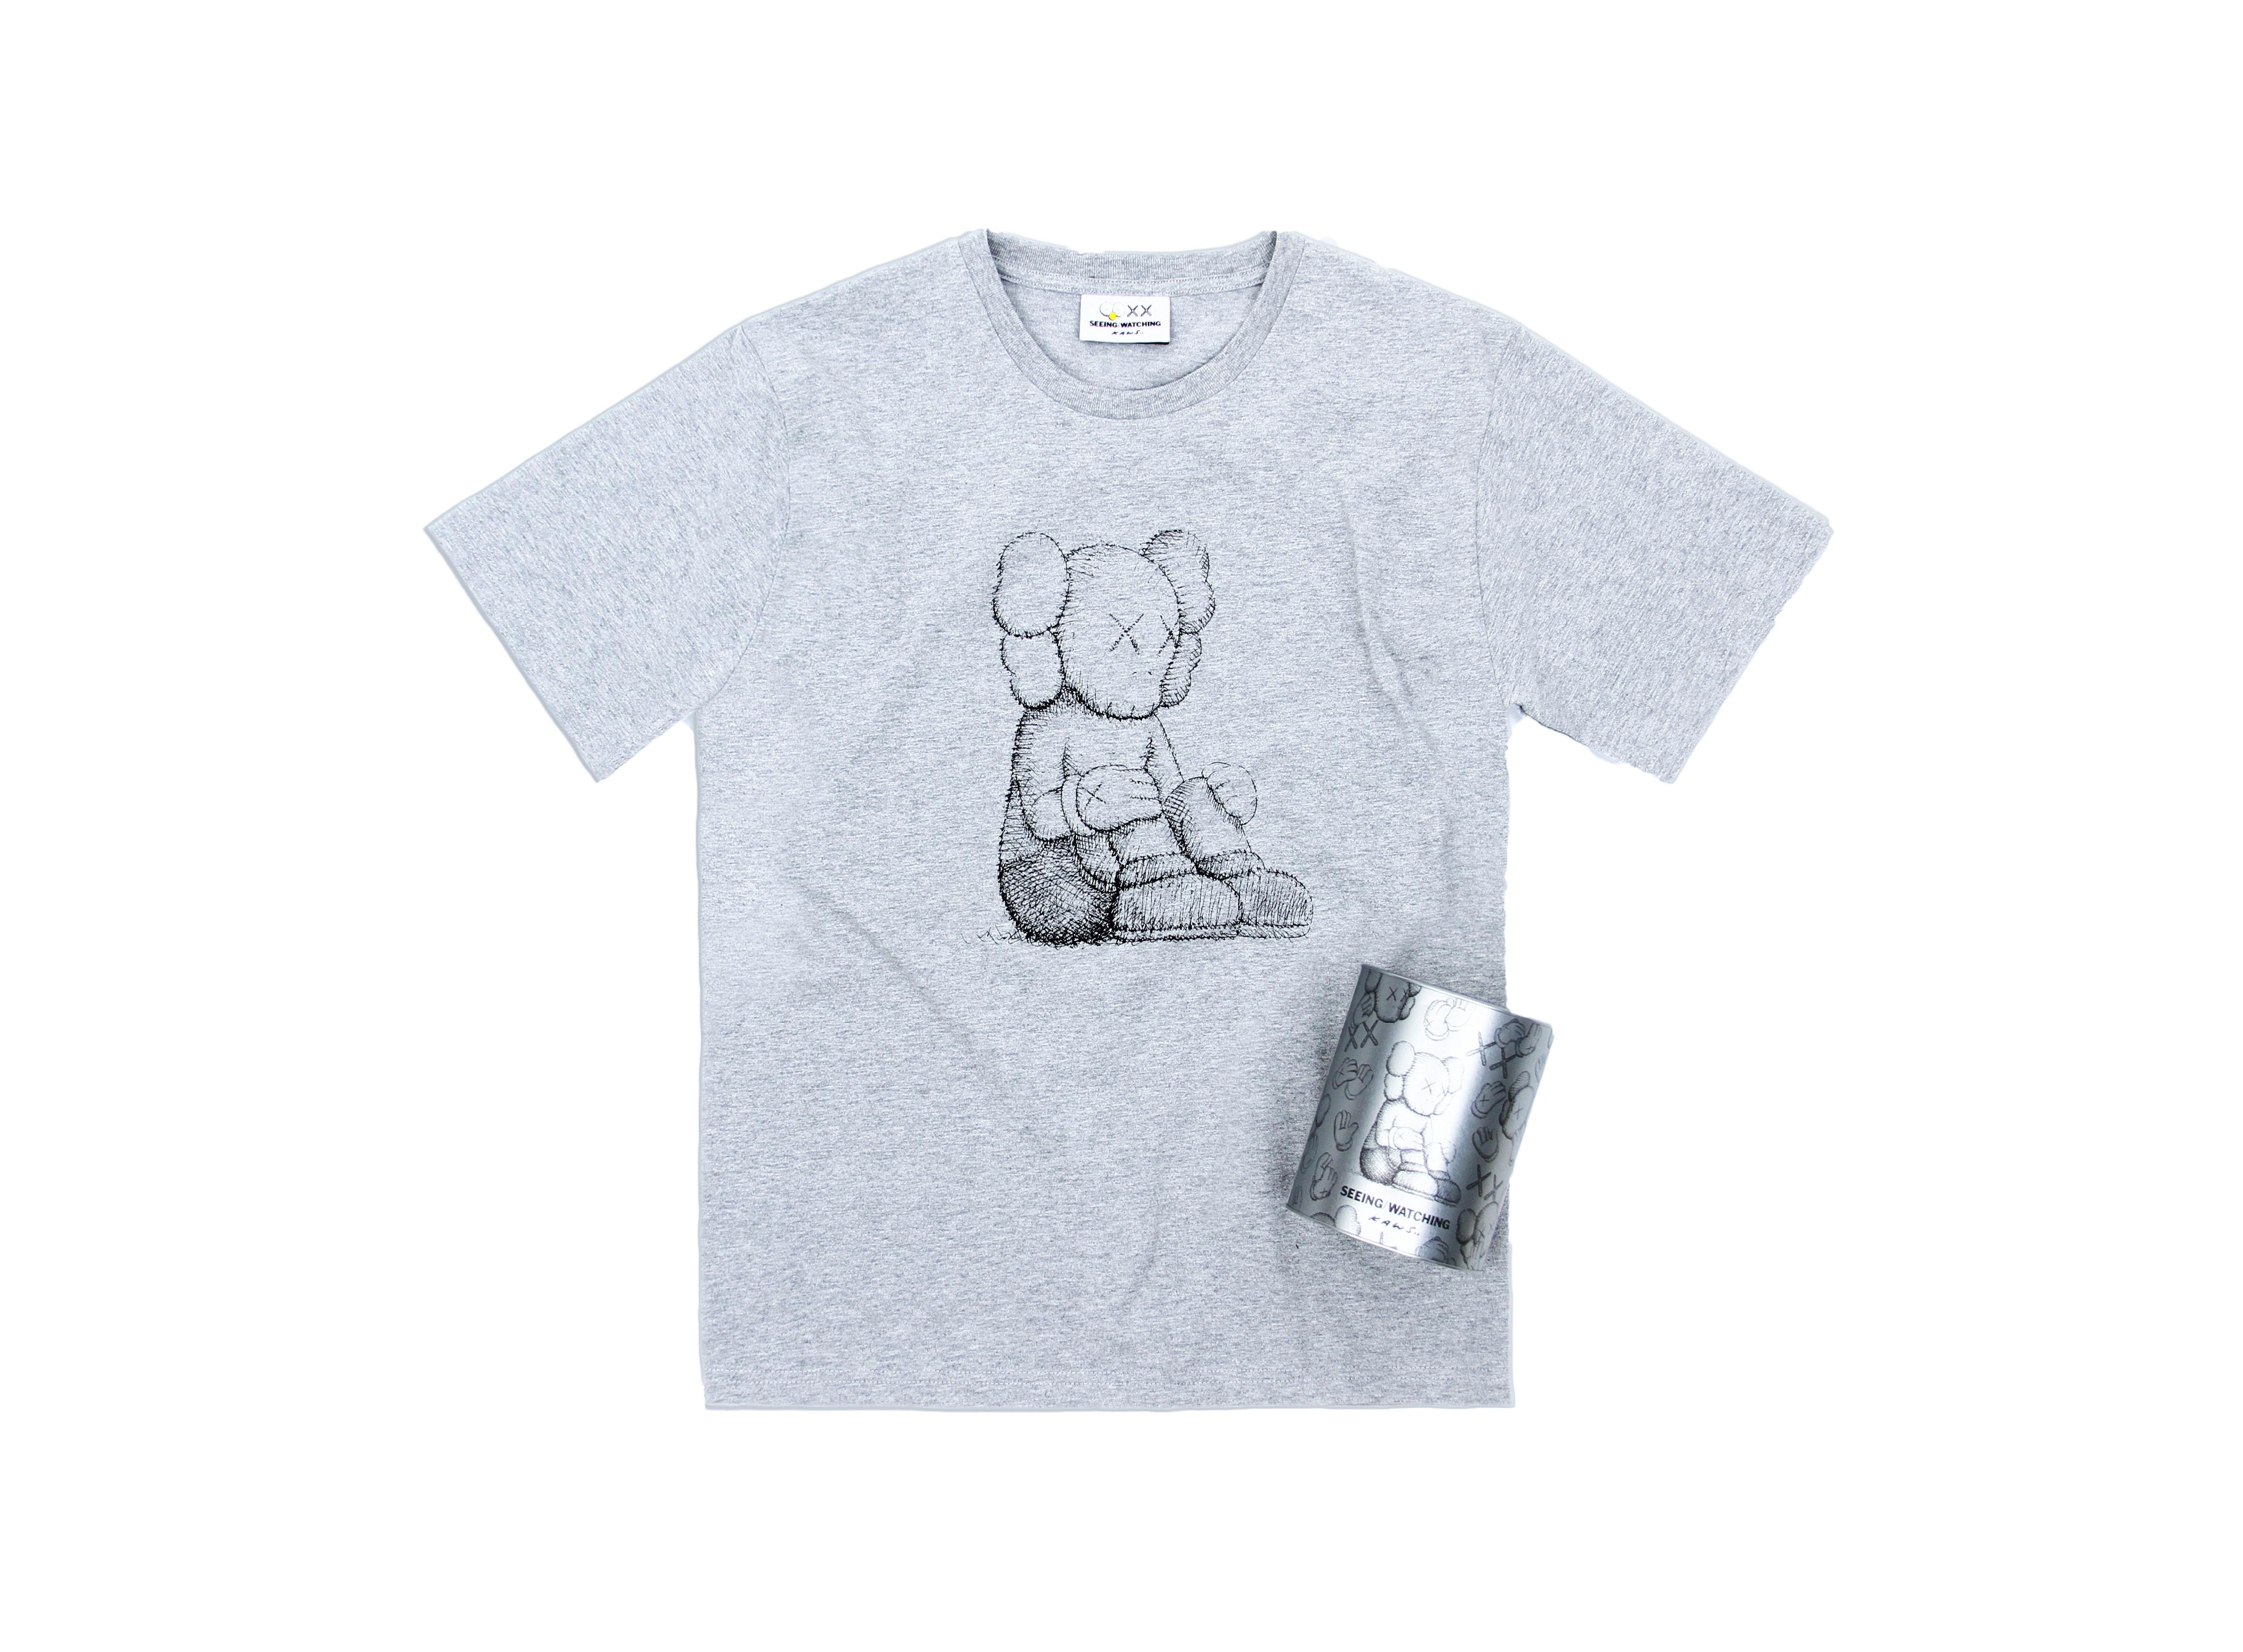 KAWS Seeing/Watching Companion Canned Tee Grey